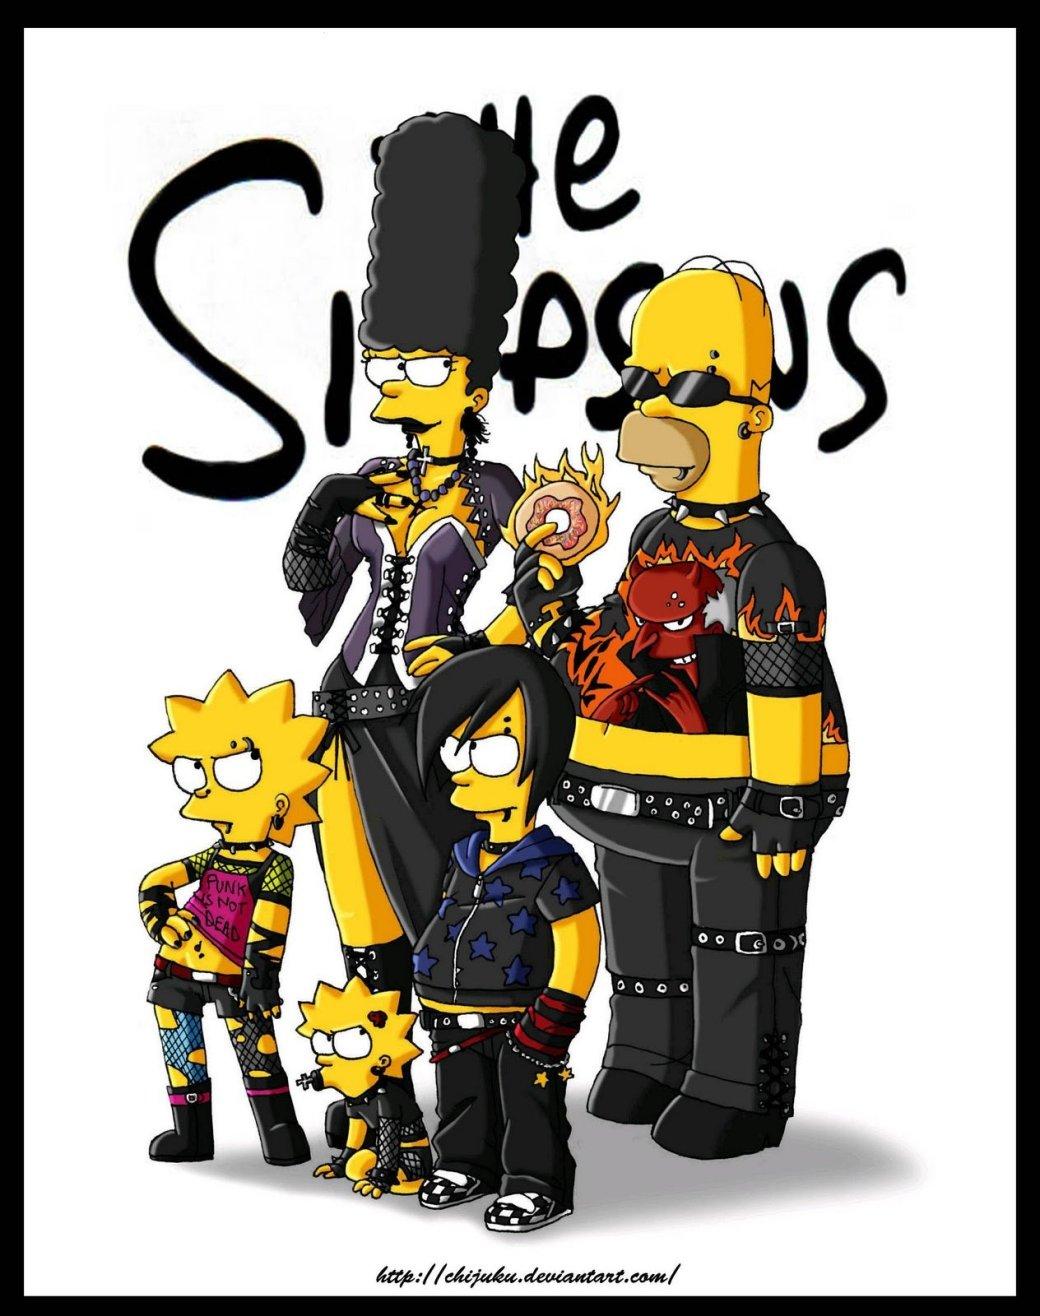 C днем рождения, Симпсоны - Изображение 7